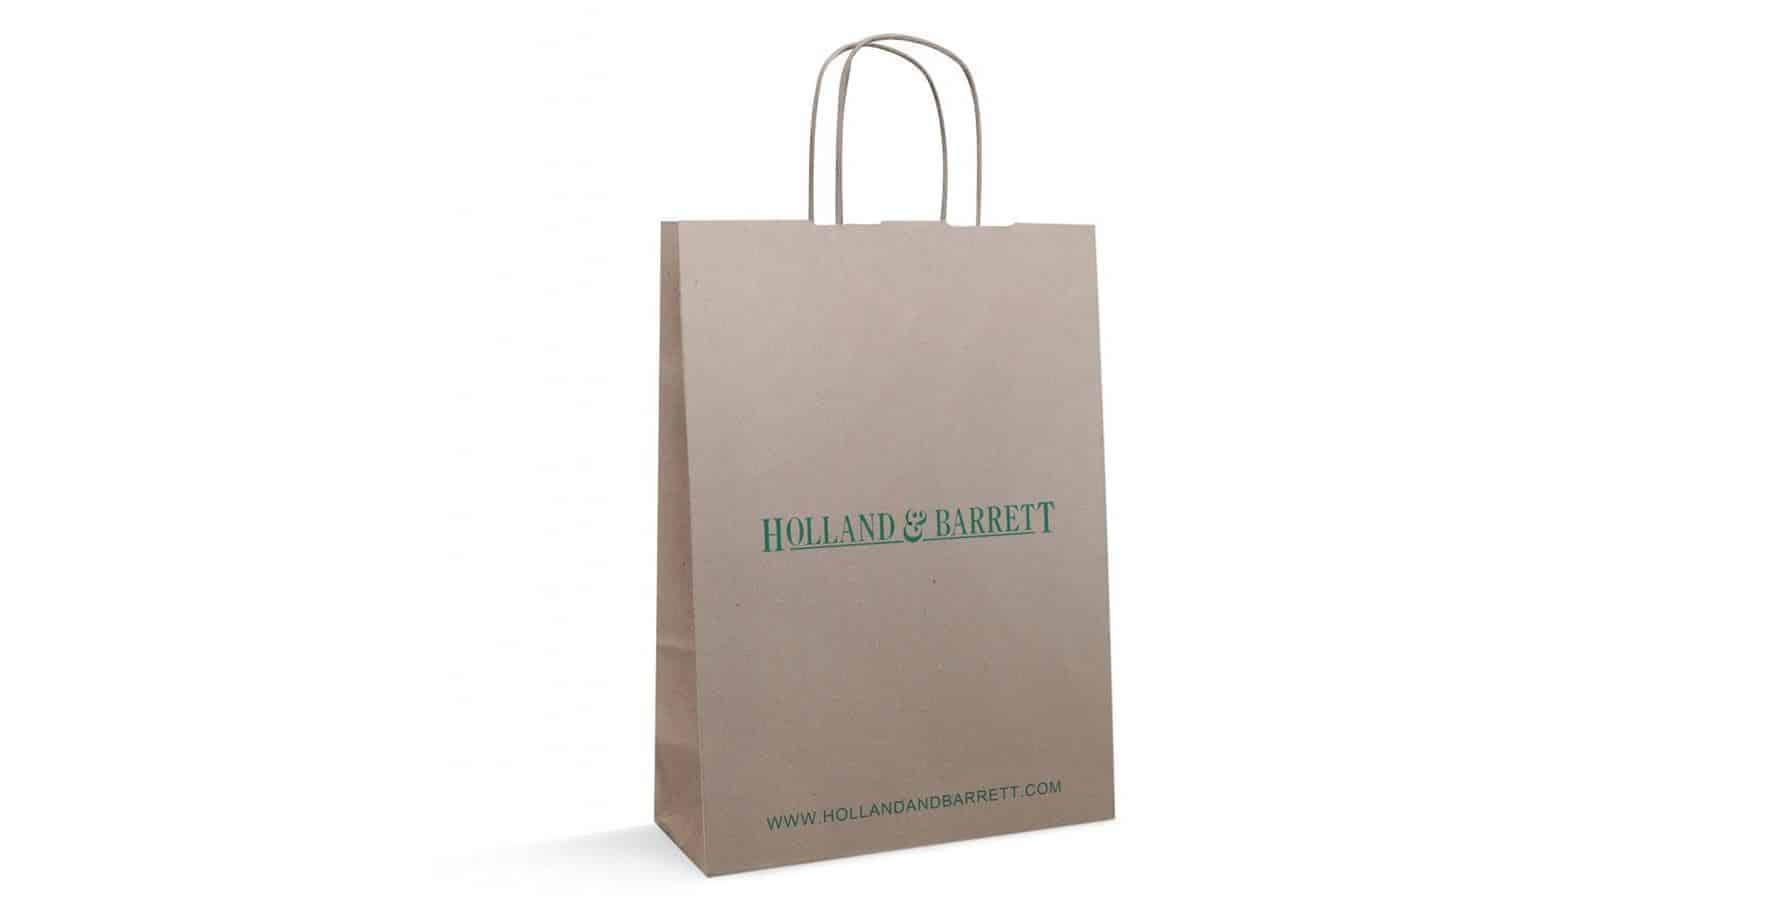 Brown Custom Printed Twisted Handle Bag